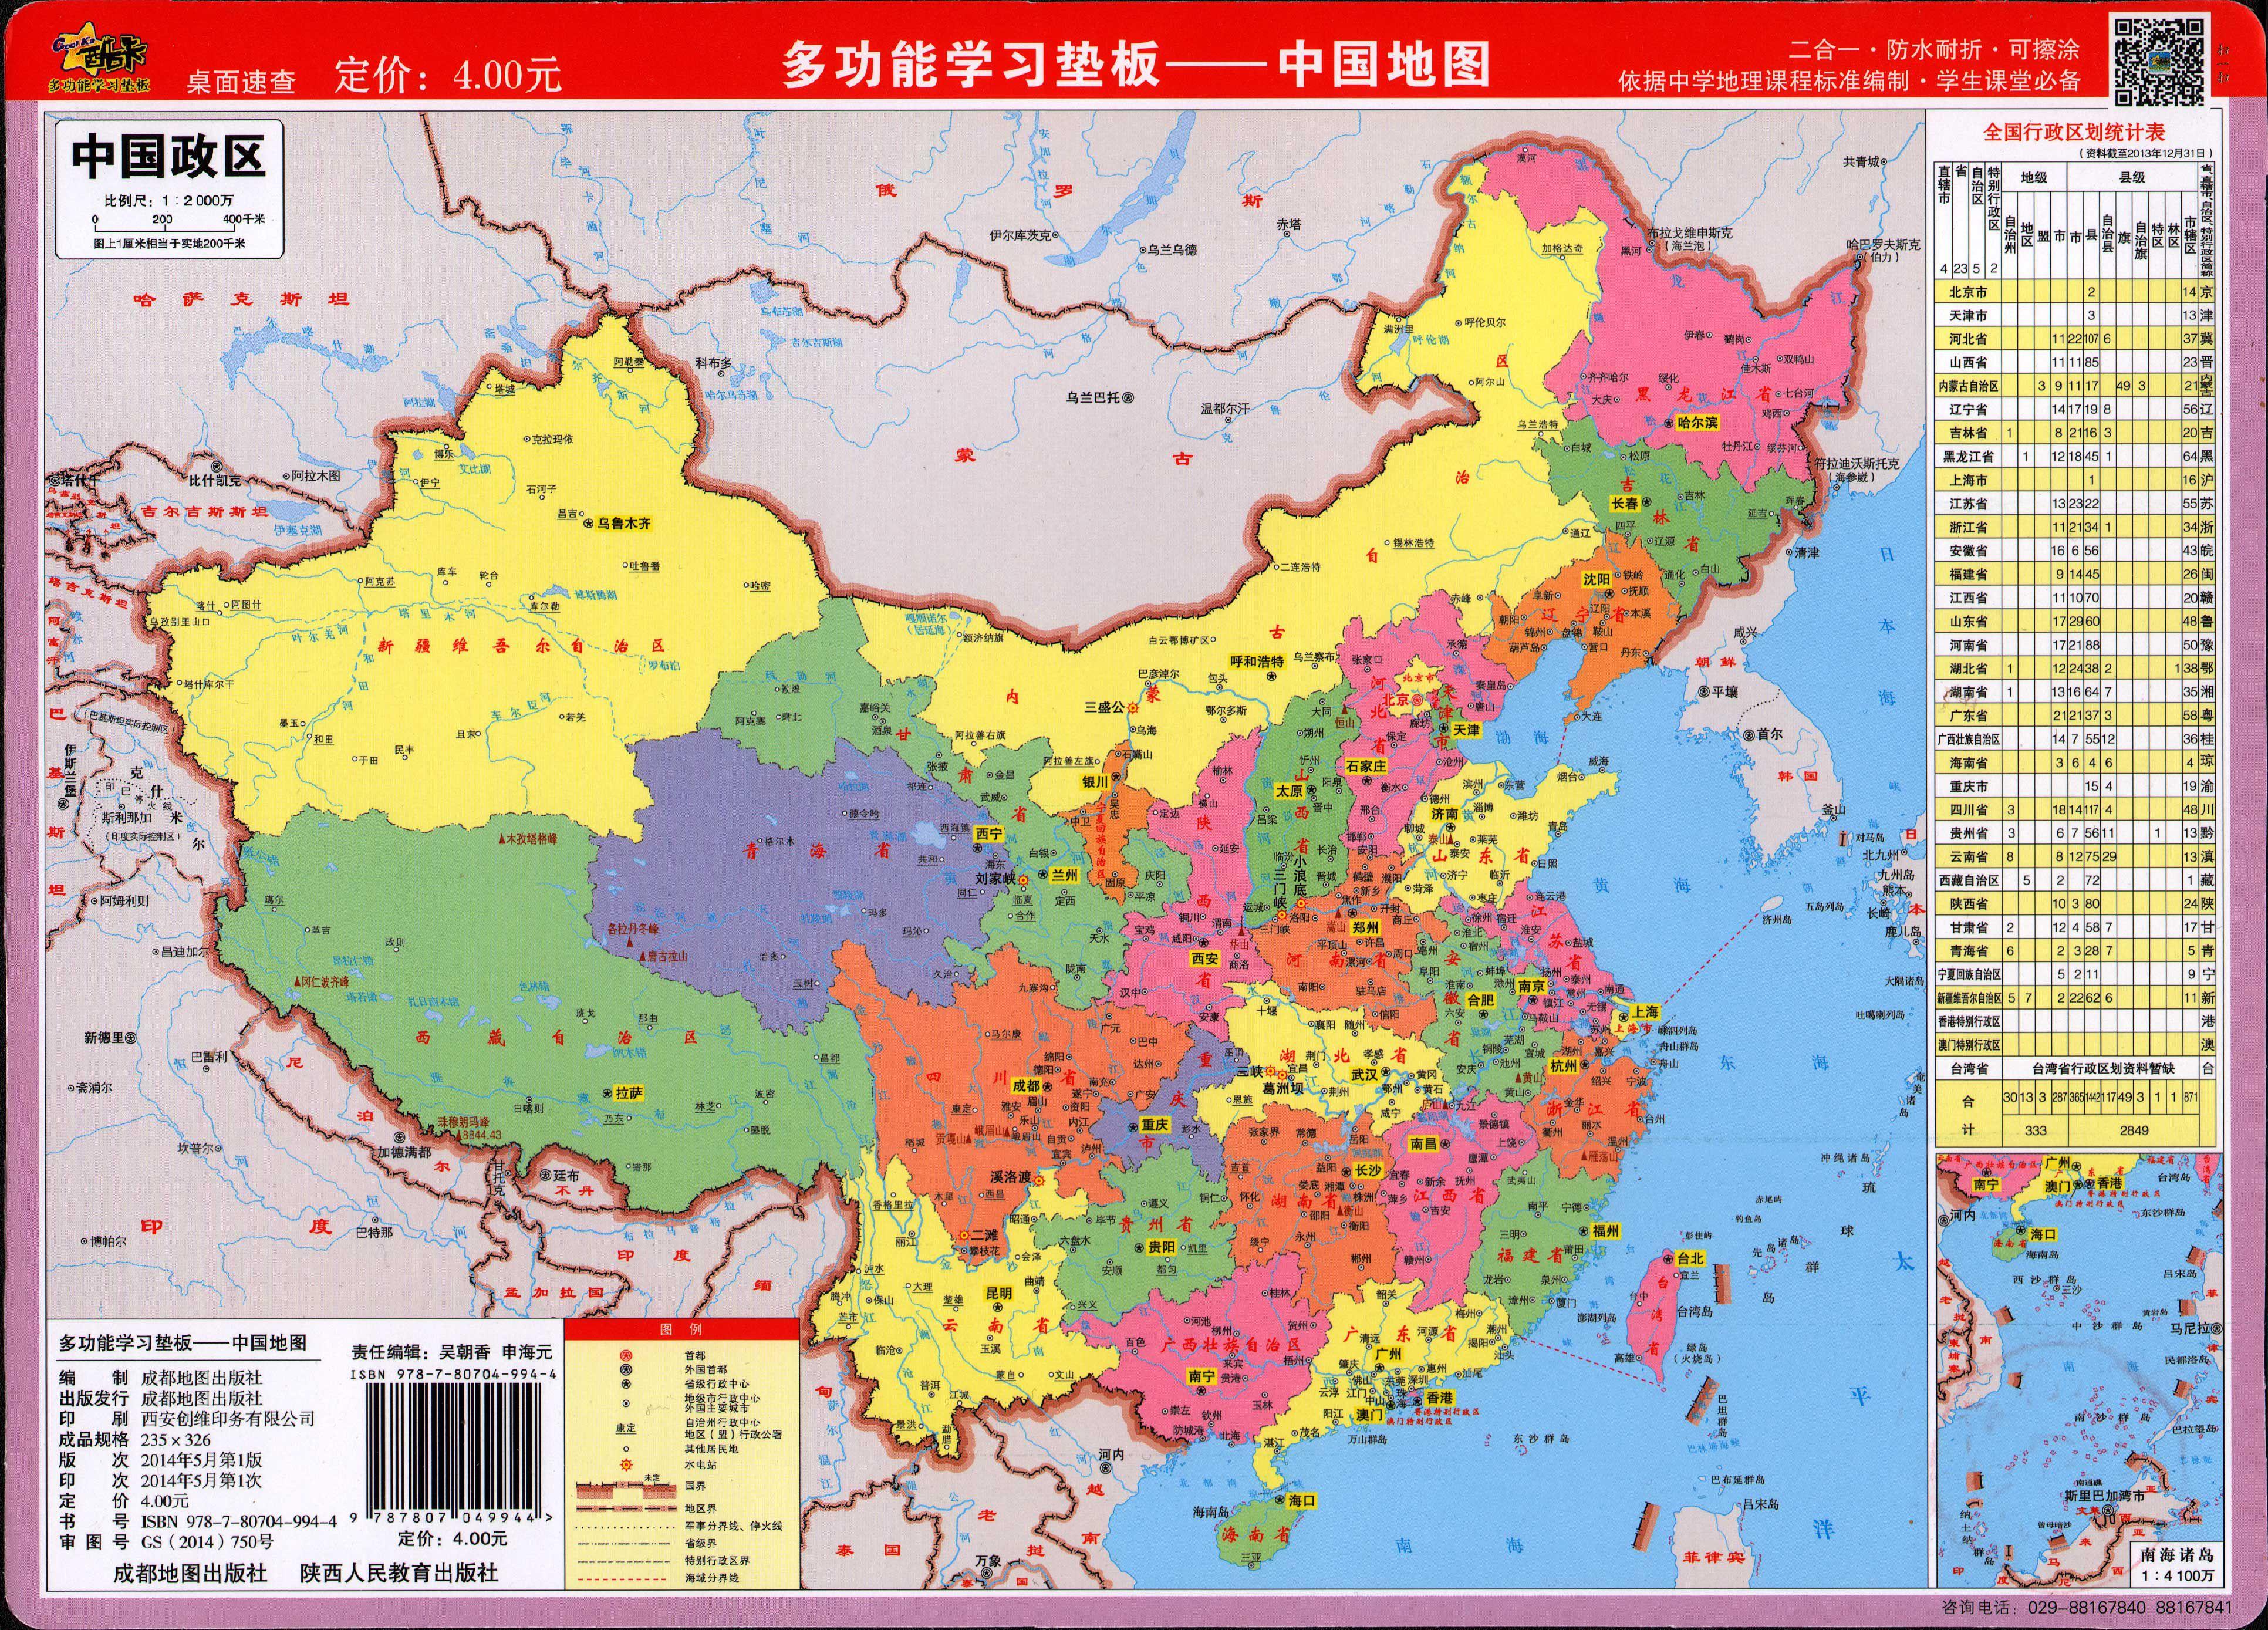 中国地图全图_求一张类似的中国地图,要全。重要的事说三遍 地图能清晰看到 ...